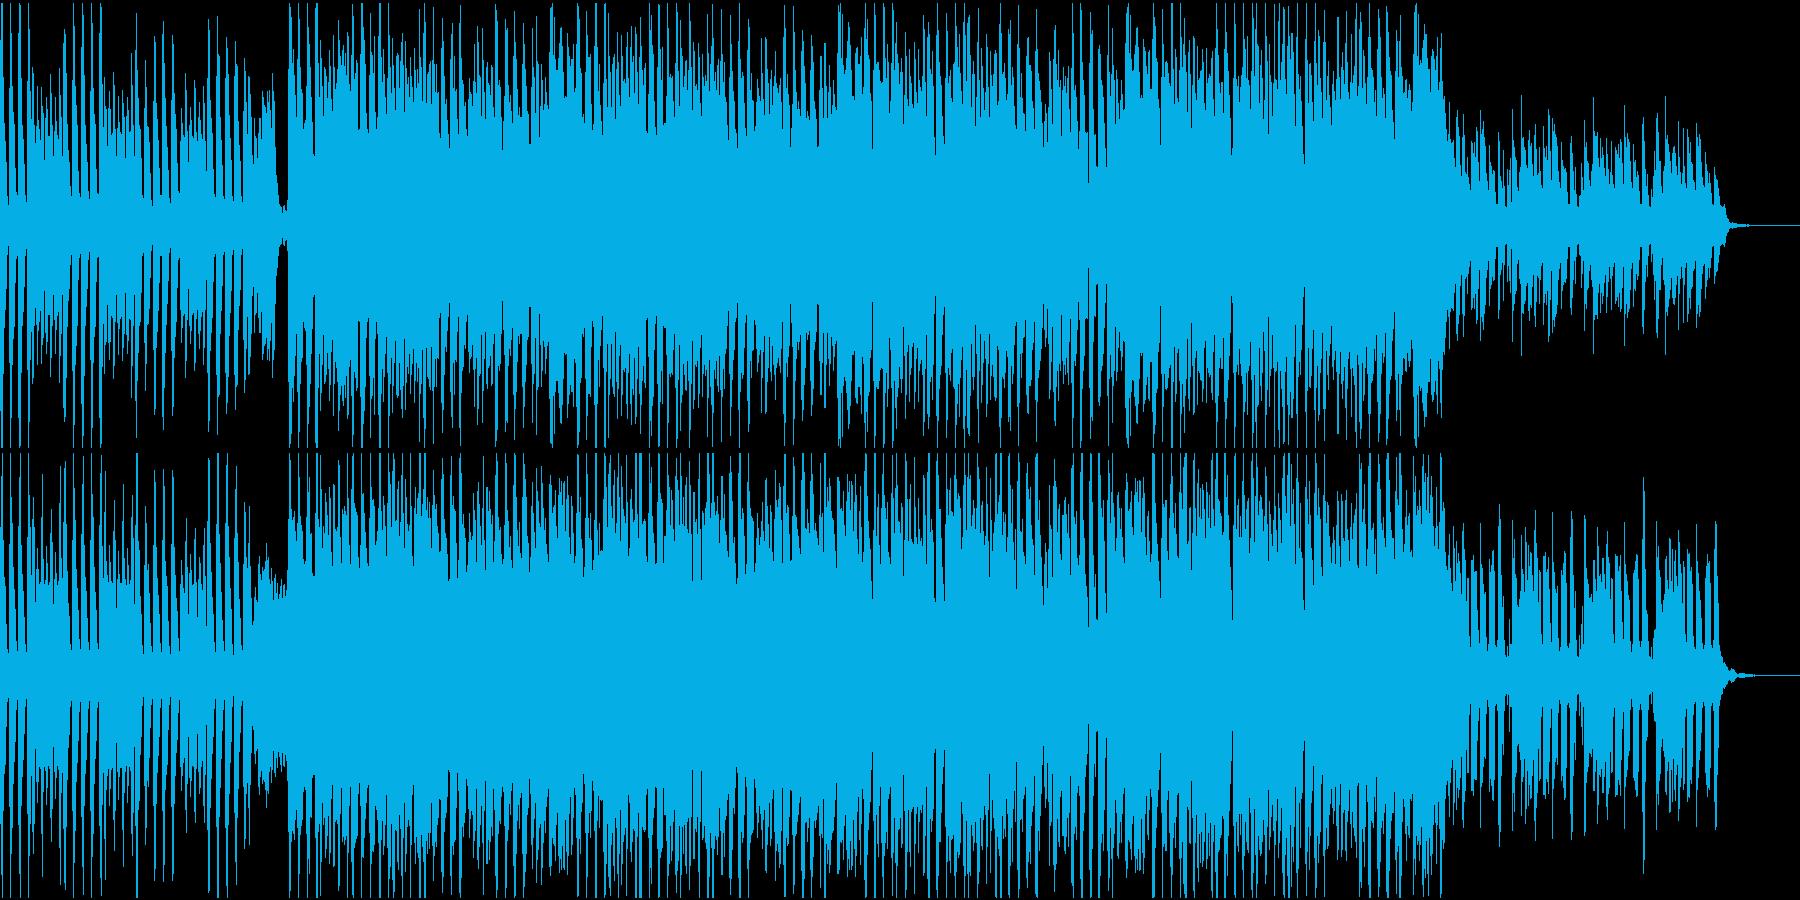 優雅で明るい4つ打ちBGM(通常盤)の再生済みの波形